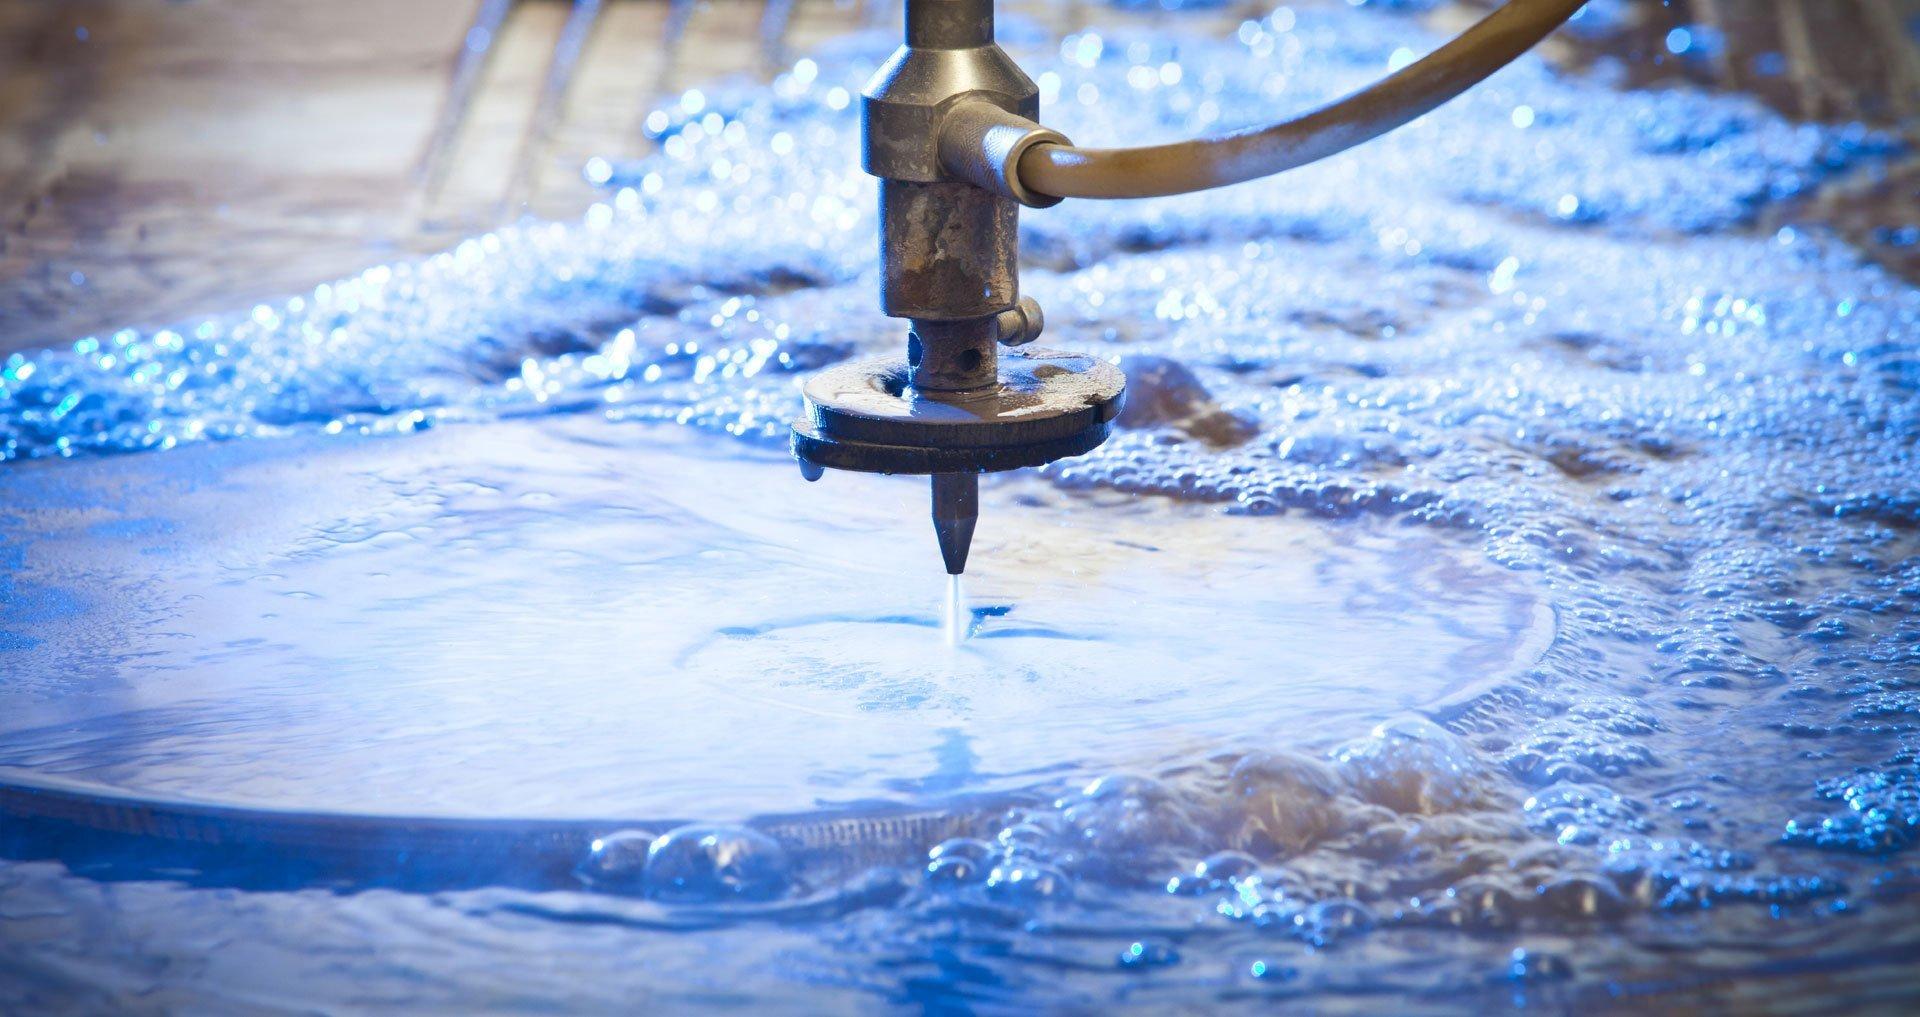 water jet machine shops